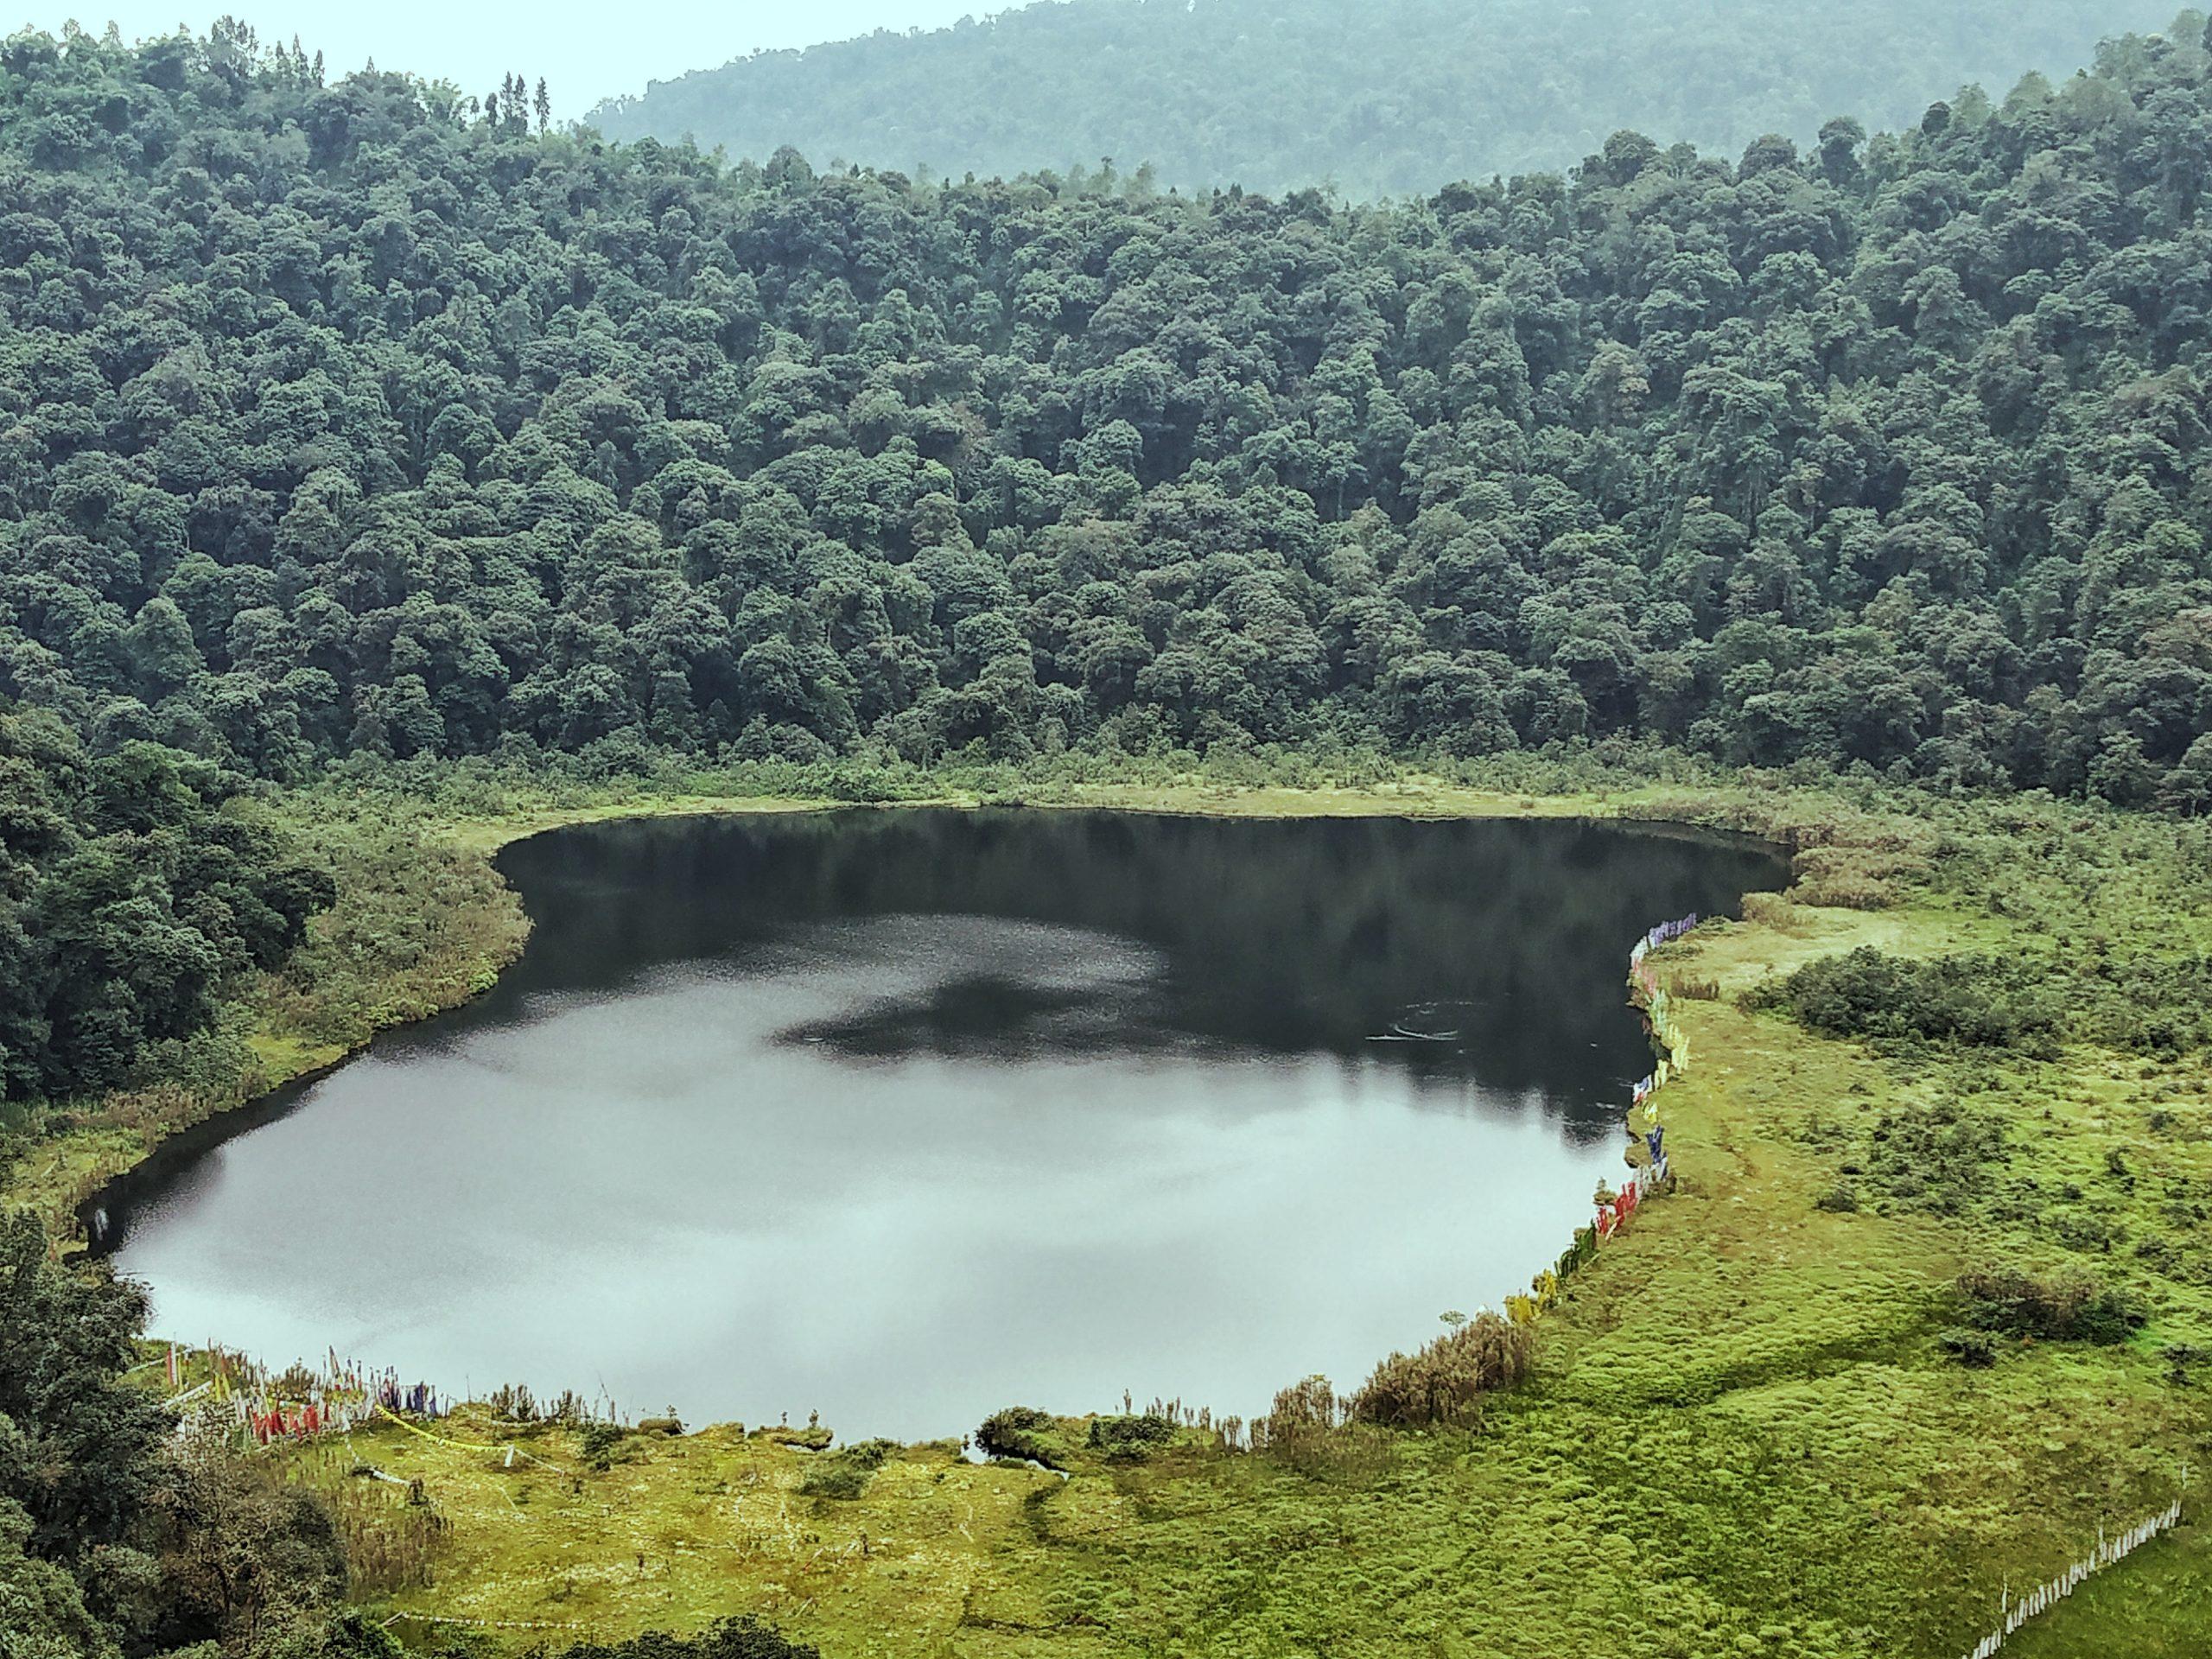 lake amidst greenery